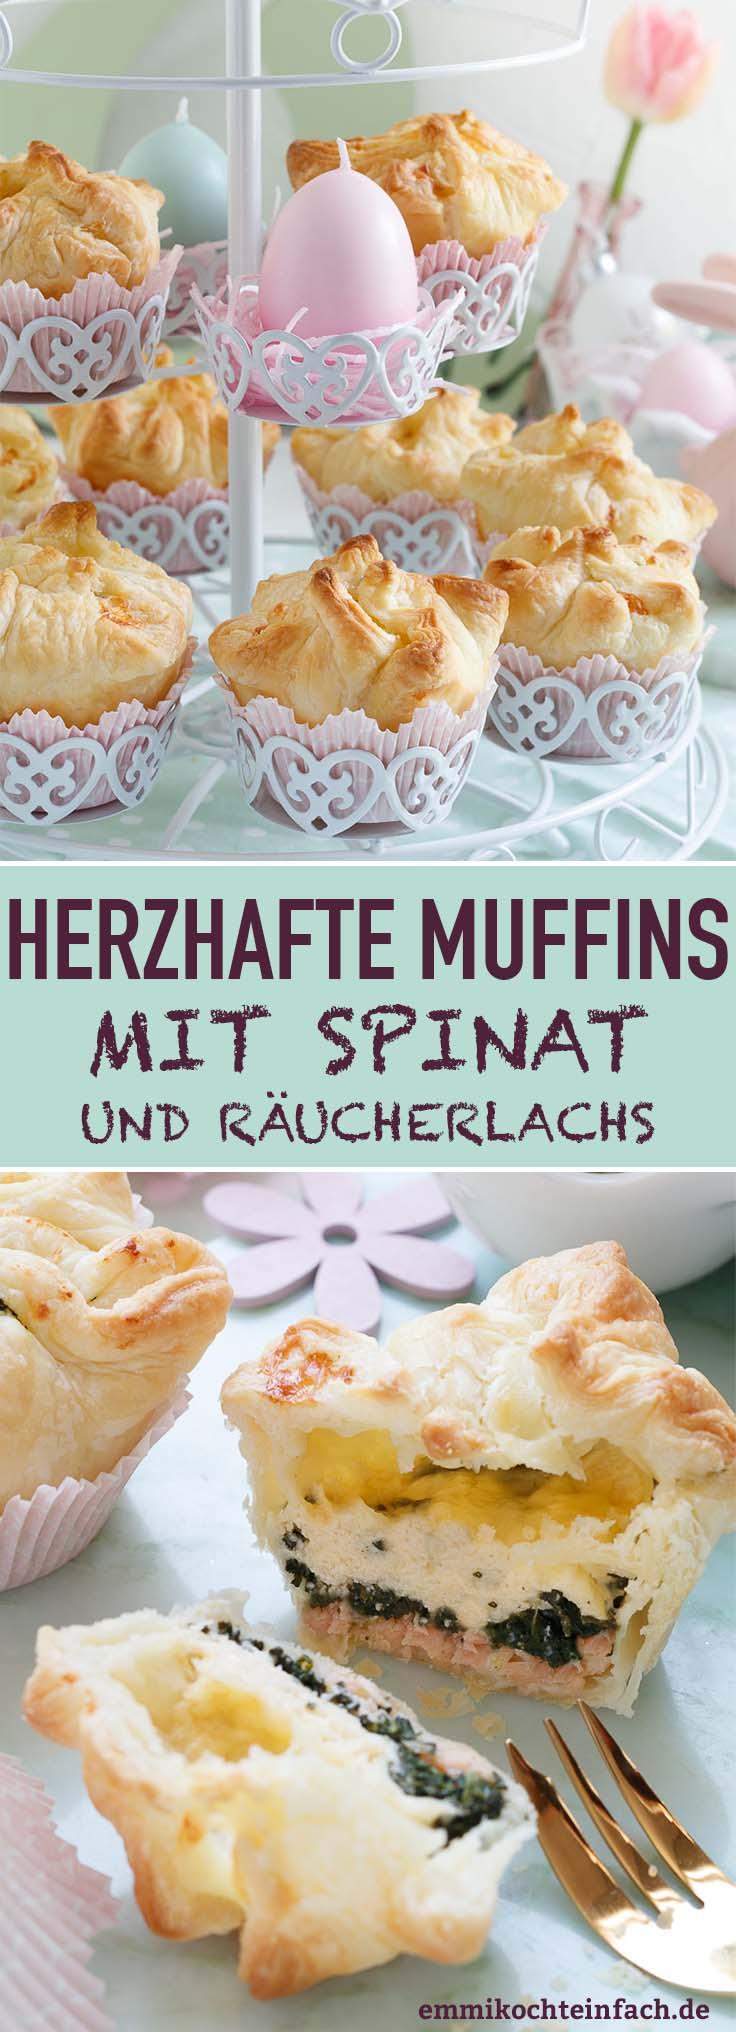 Herzhafte Muffins mit Spinat und Räucherlachs - www.emmikochteinfach.de